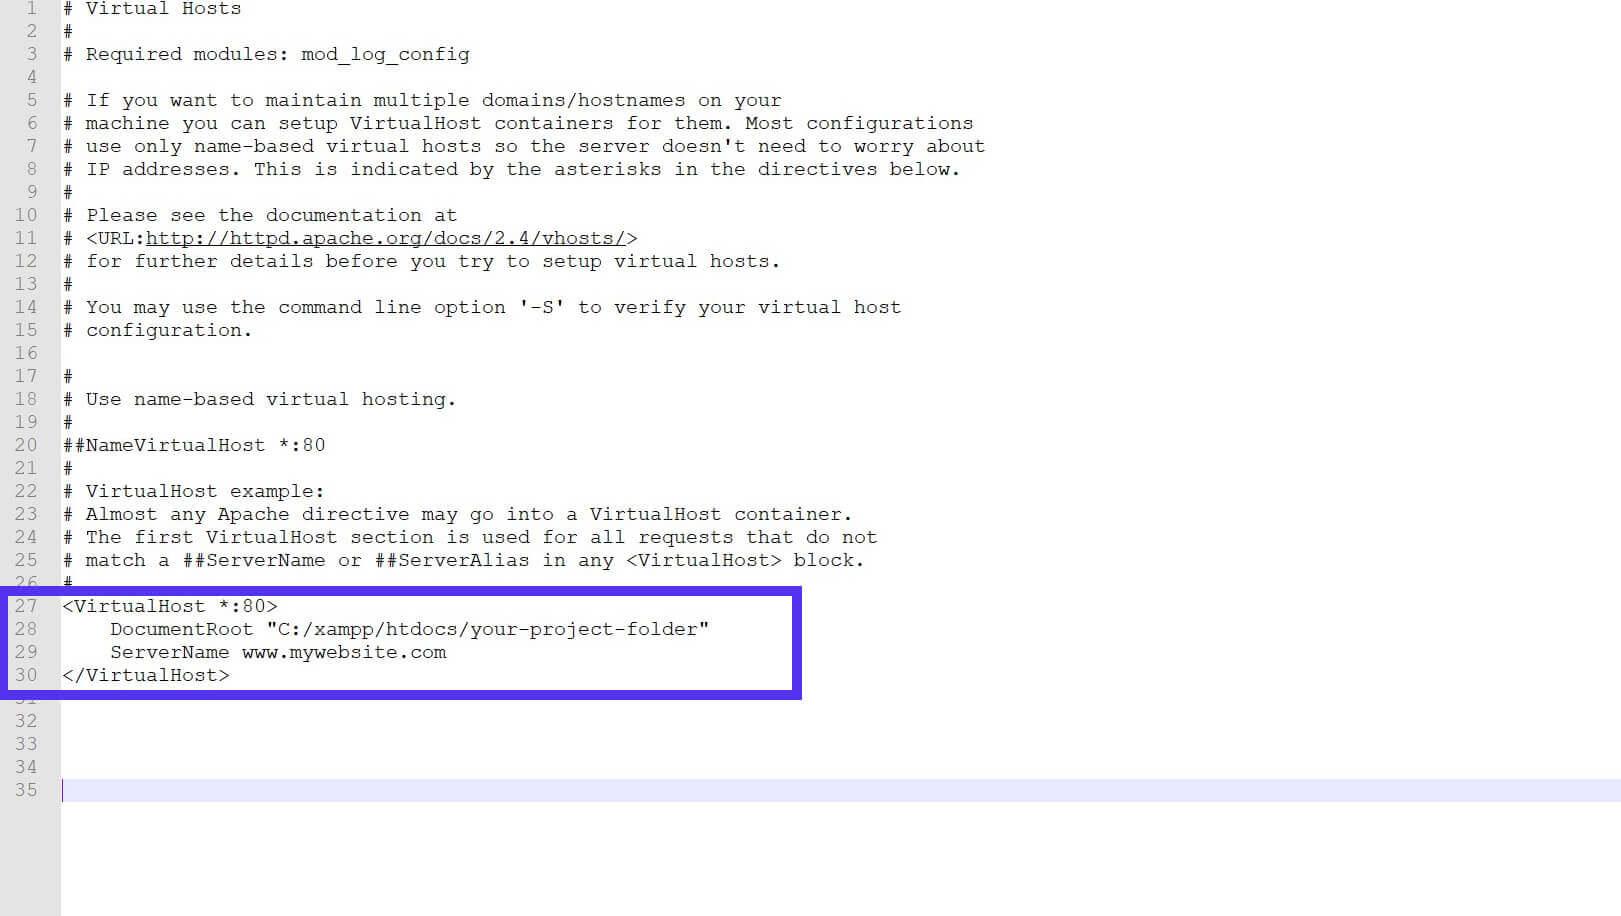 Se actualizó la línea DocumentRoot en httpd-vhosts.conf.